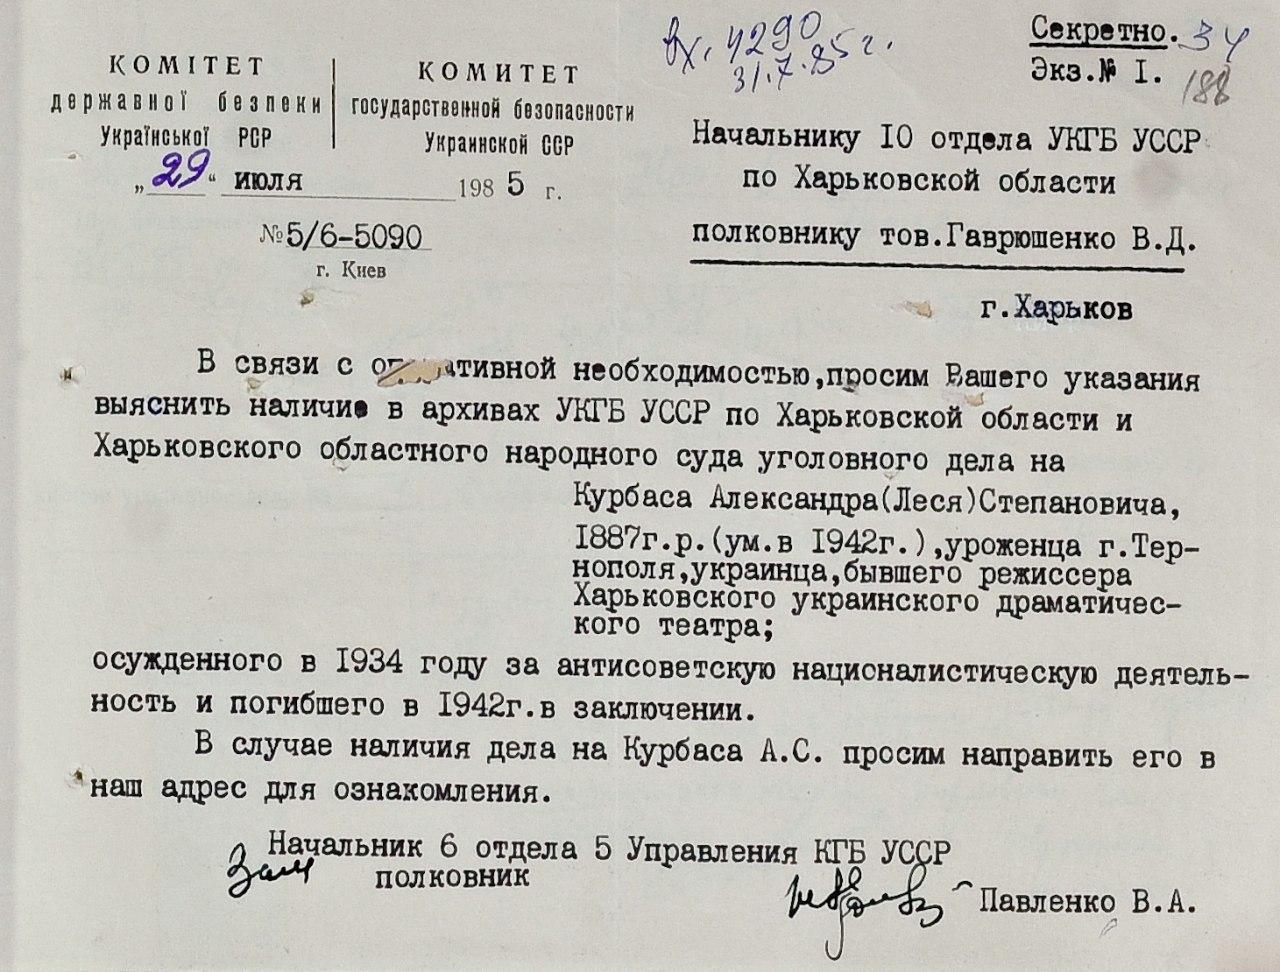 Документ о Лесе Курбасе, фото: СБУ